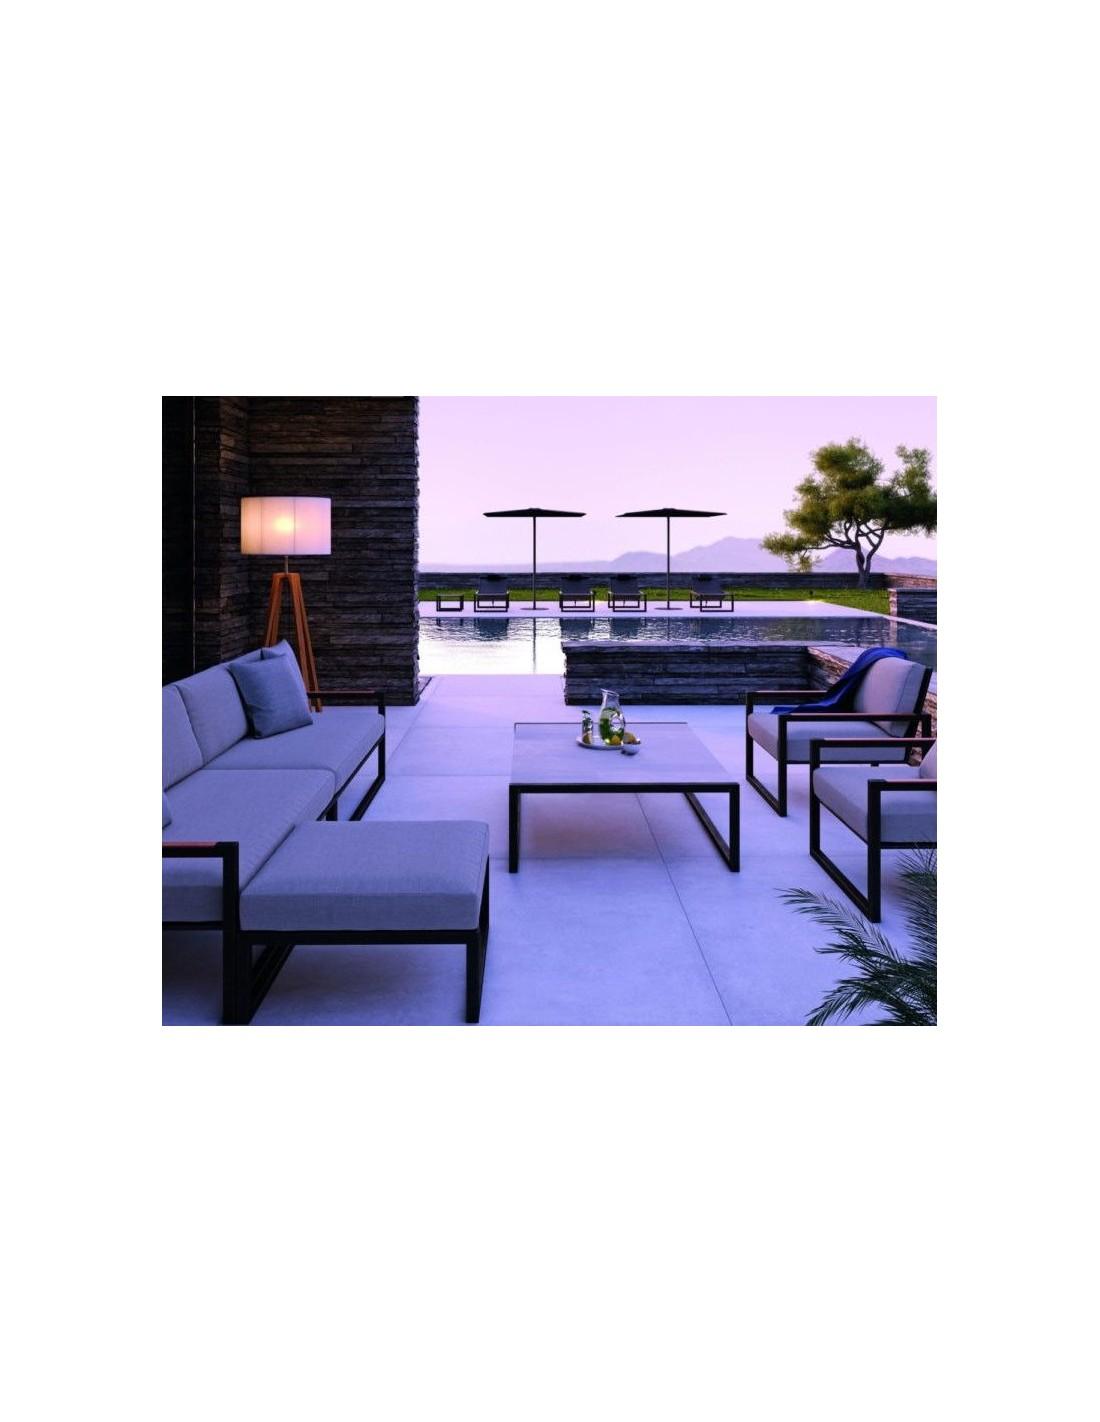 Retrouver chez Valente Design le lampadaire solaire Club Lounge beige de la marque Royal Botania